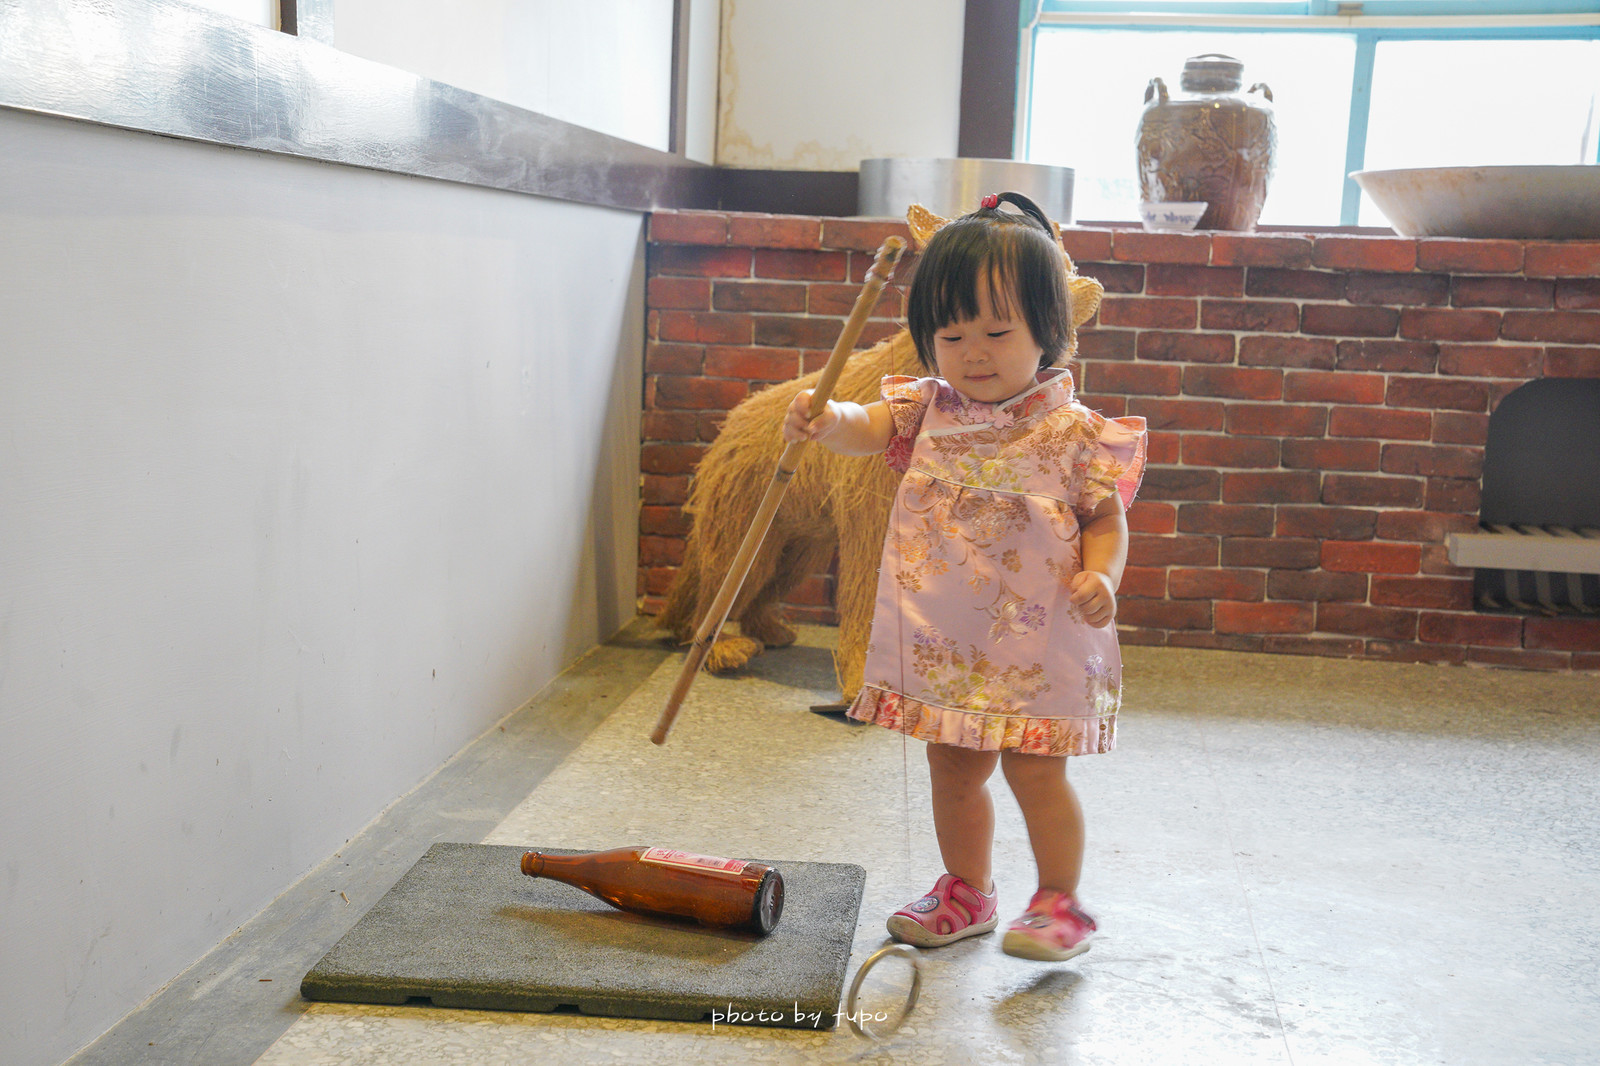 彰化田中景點》台梗9號體驗館(田中農會):以米為主題的拍照打卡點~巨大米桶、稻草鋼琴、復古農舍、復古童玩打彈珠釣酒杯任你玩~